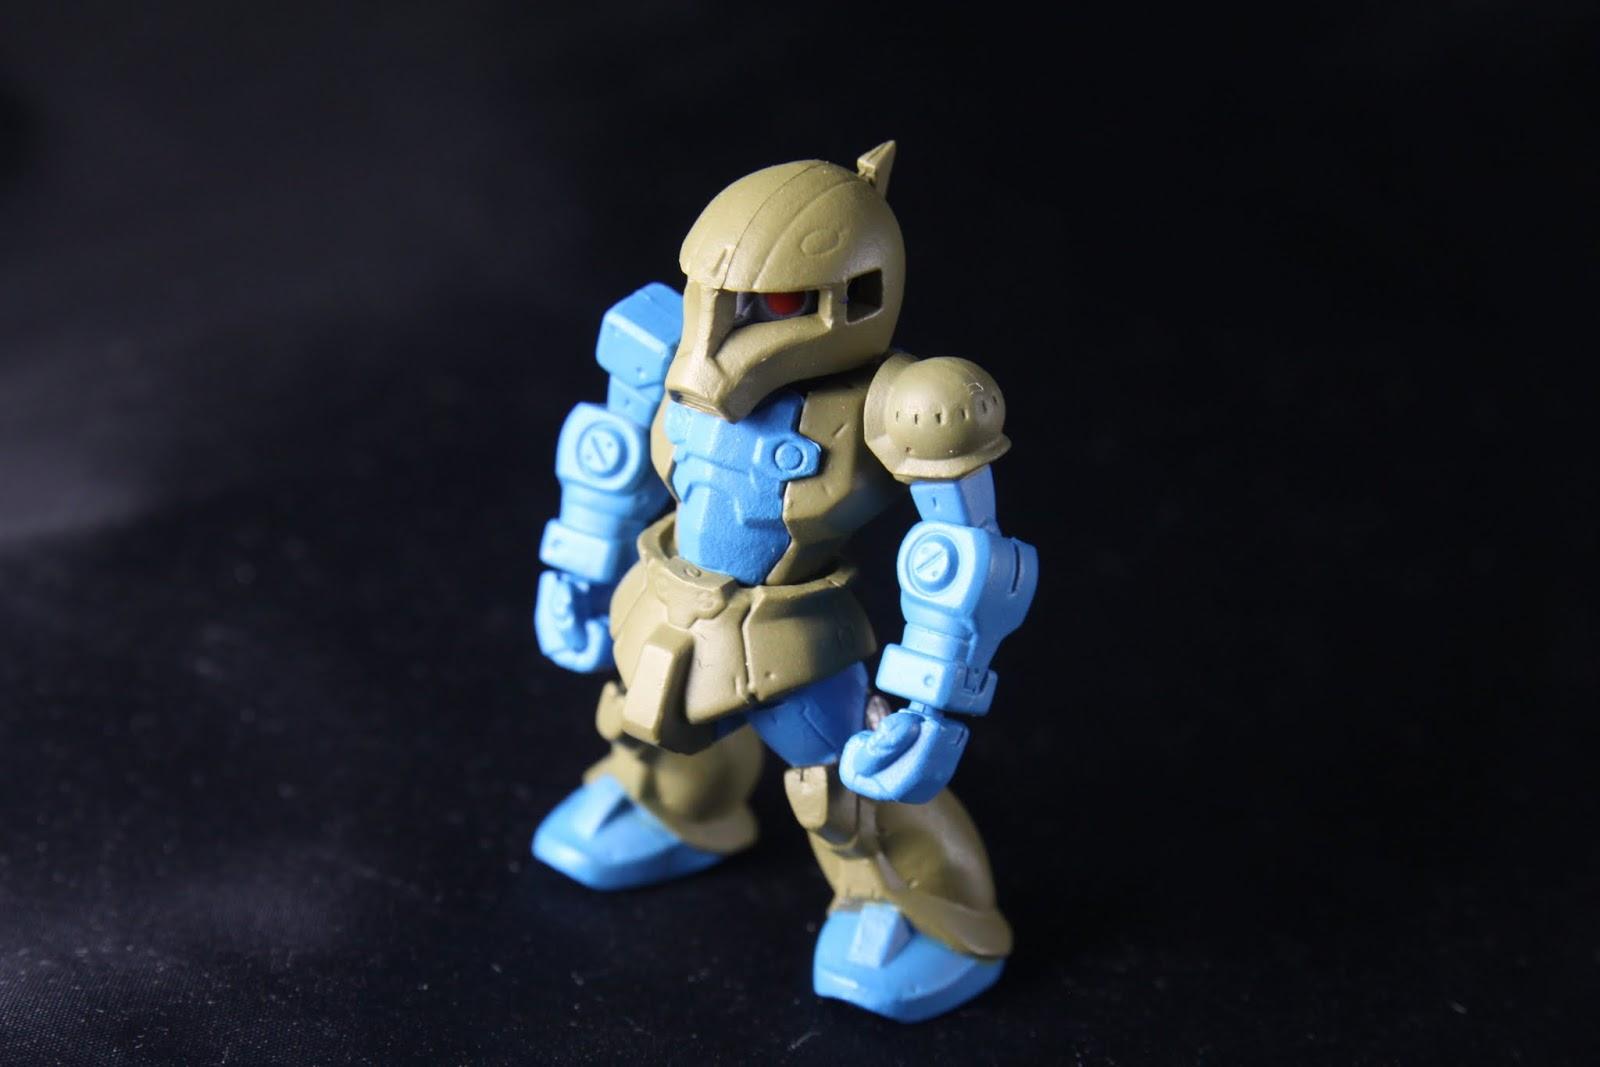 本款完全沒有武裝 是說原本舊薩克本來就很善近距格鬥戰啦 但是特色的左肩那個護甲因為系列的造型整個被縮小了啊!